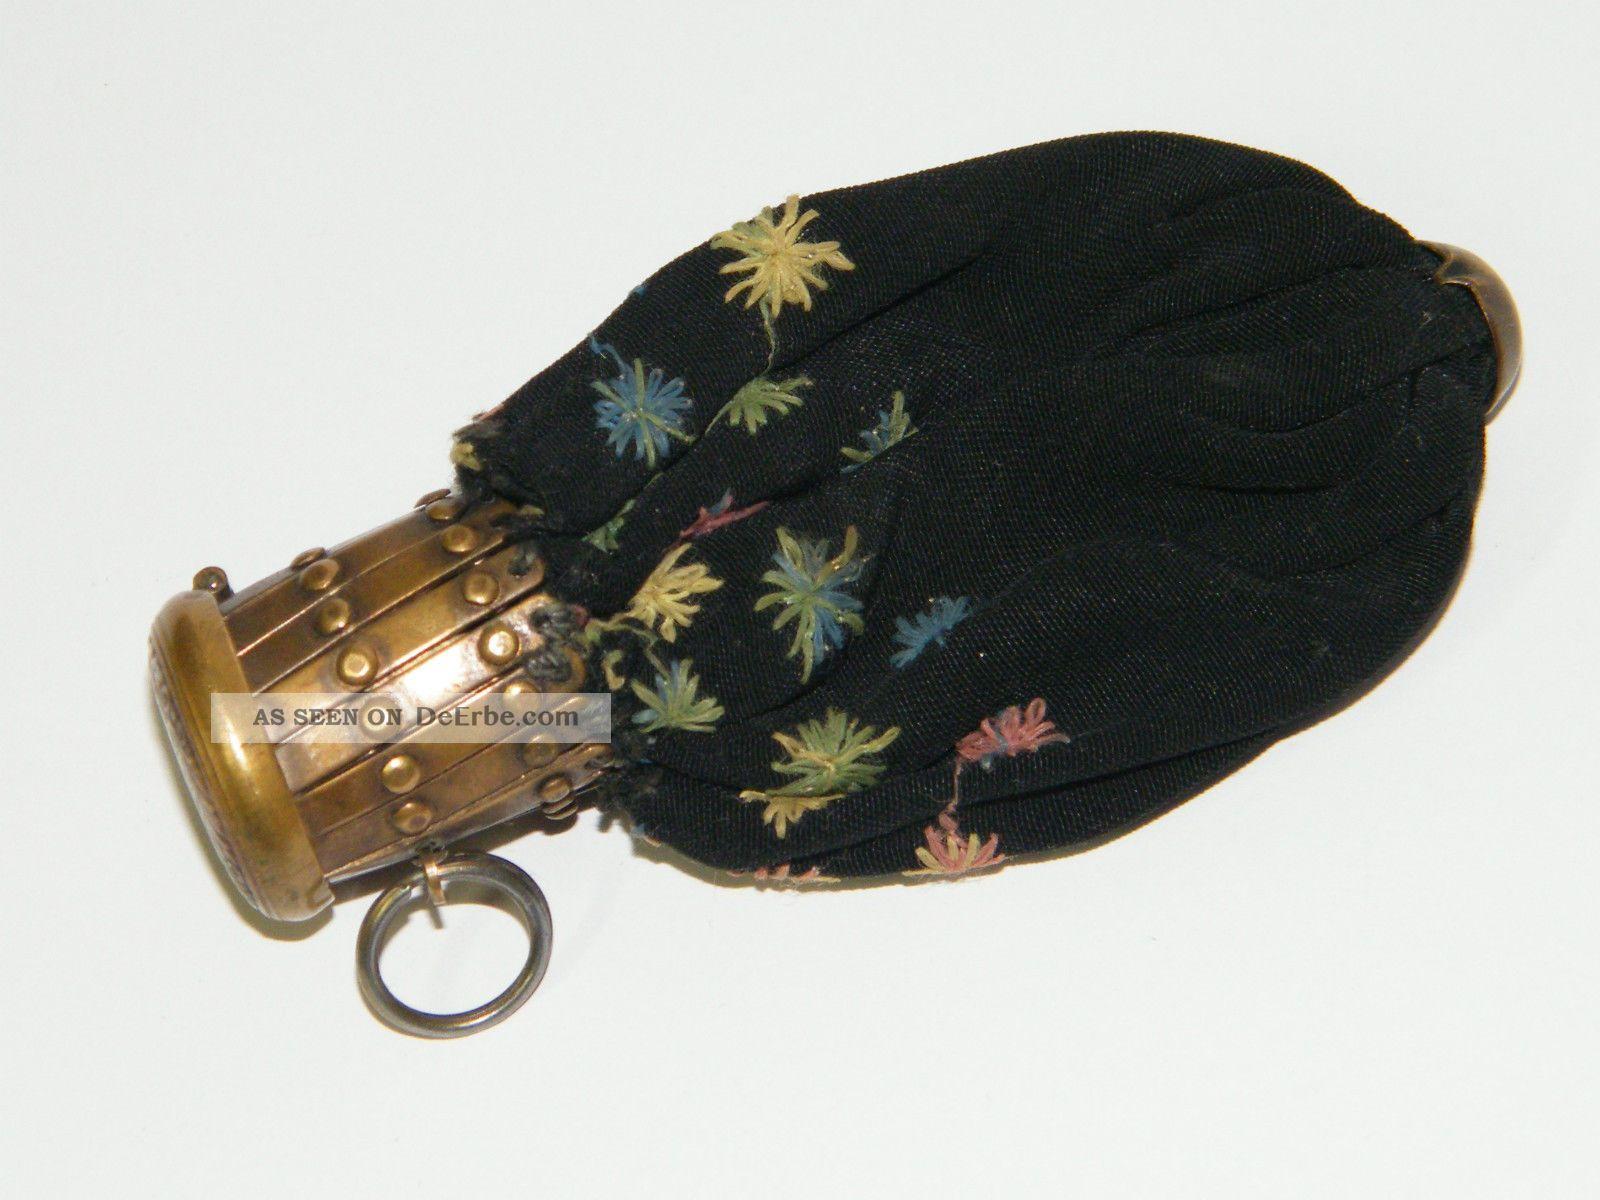 alter damen geldbeutel stoff antik accessoires etuis schwarz blumen vintage. Black Bedroom Furniture Sets. Home Design Ideas